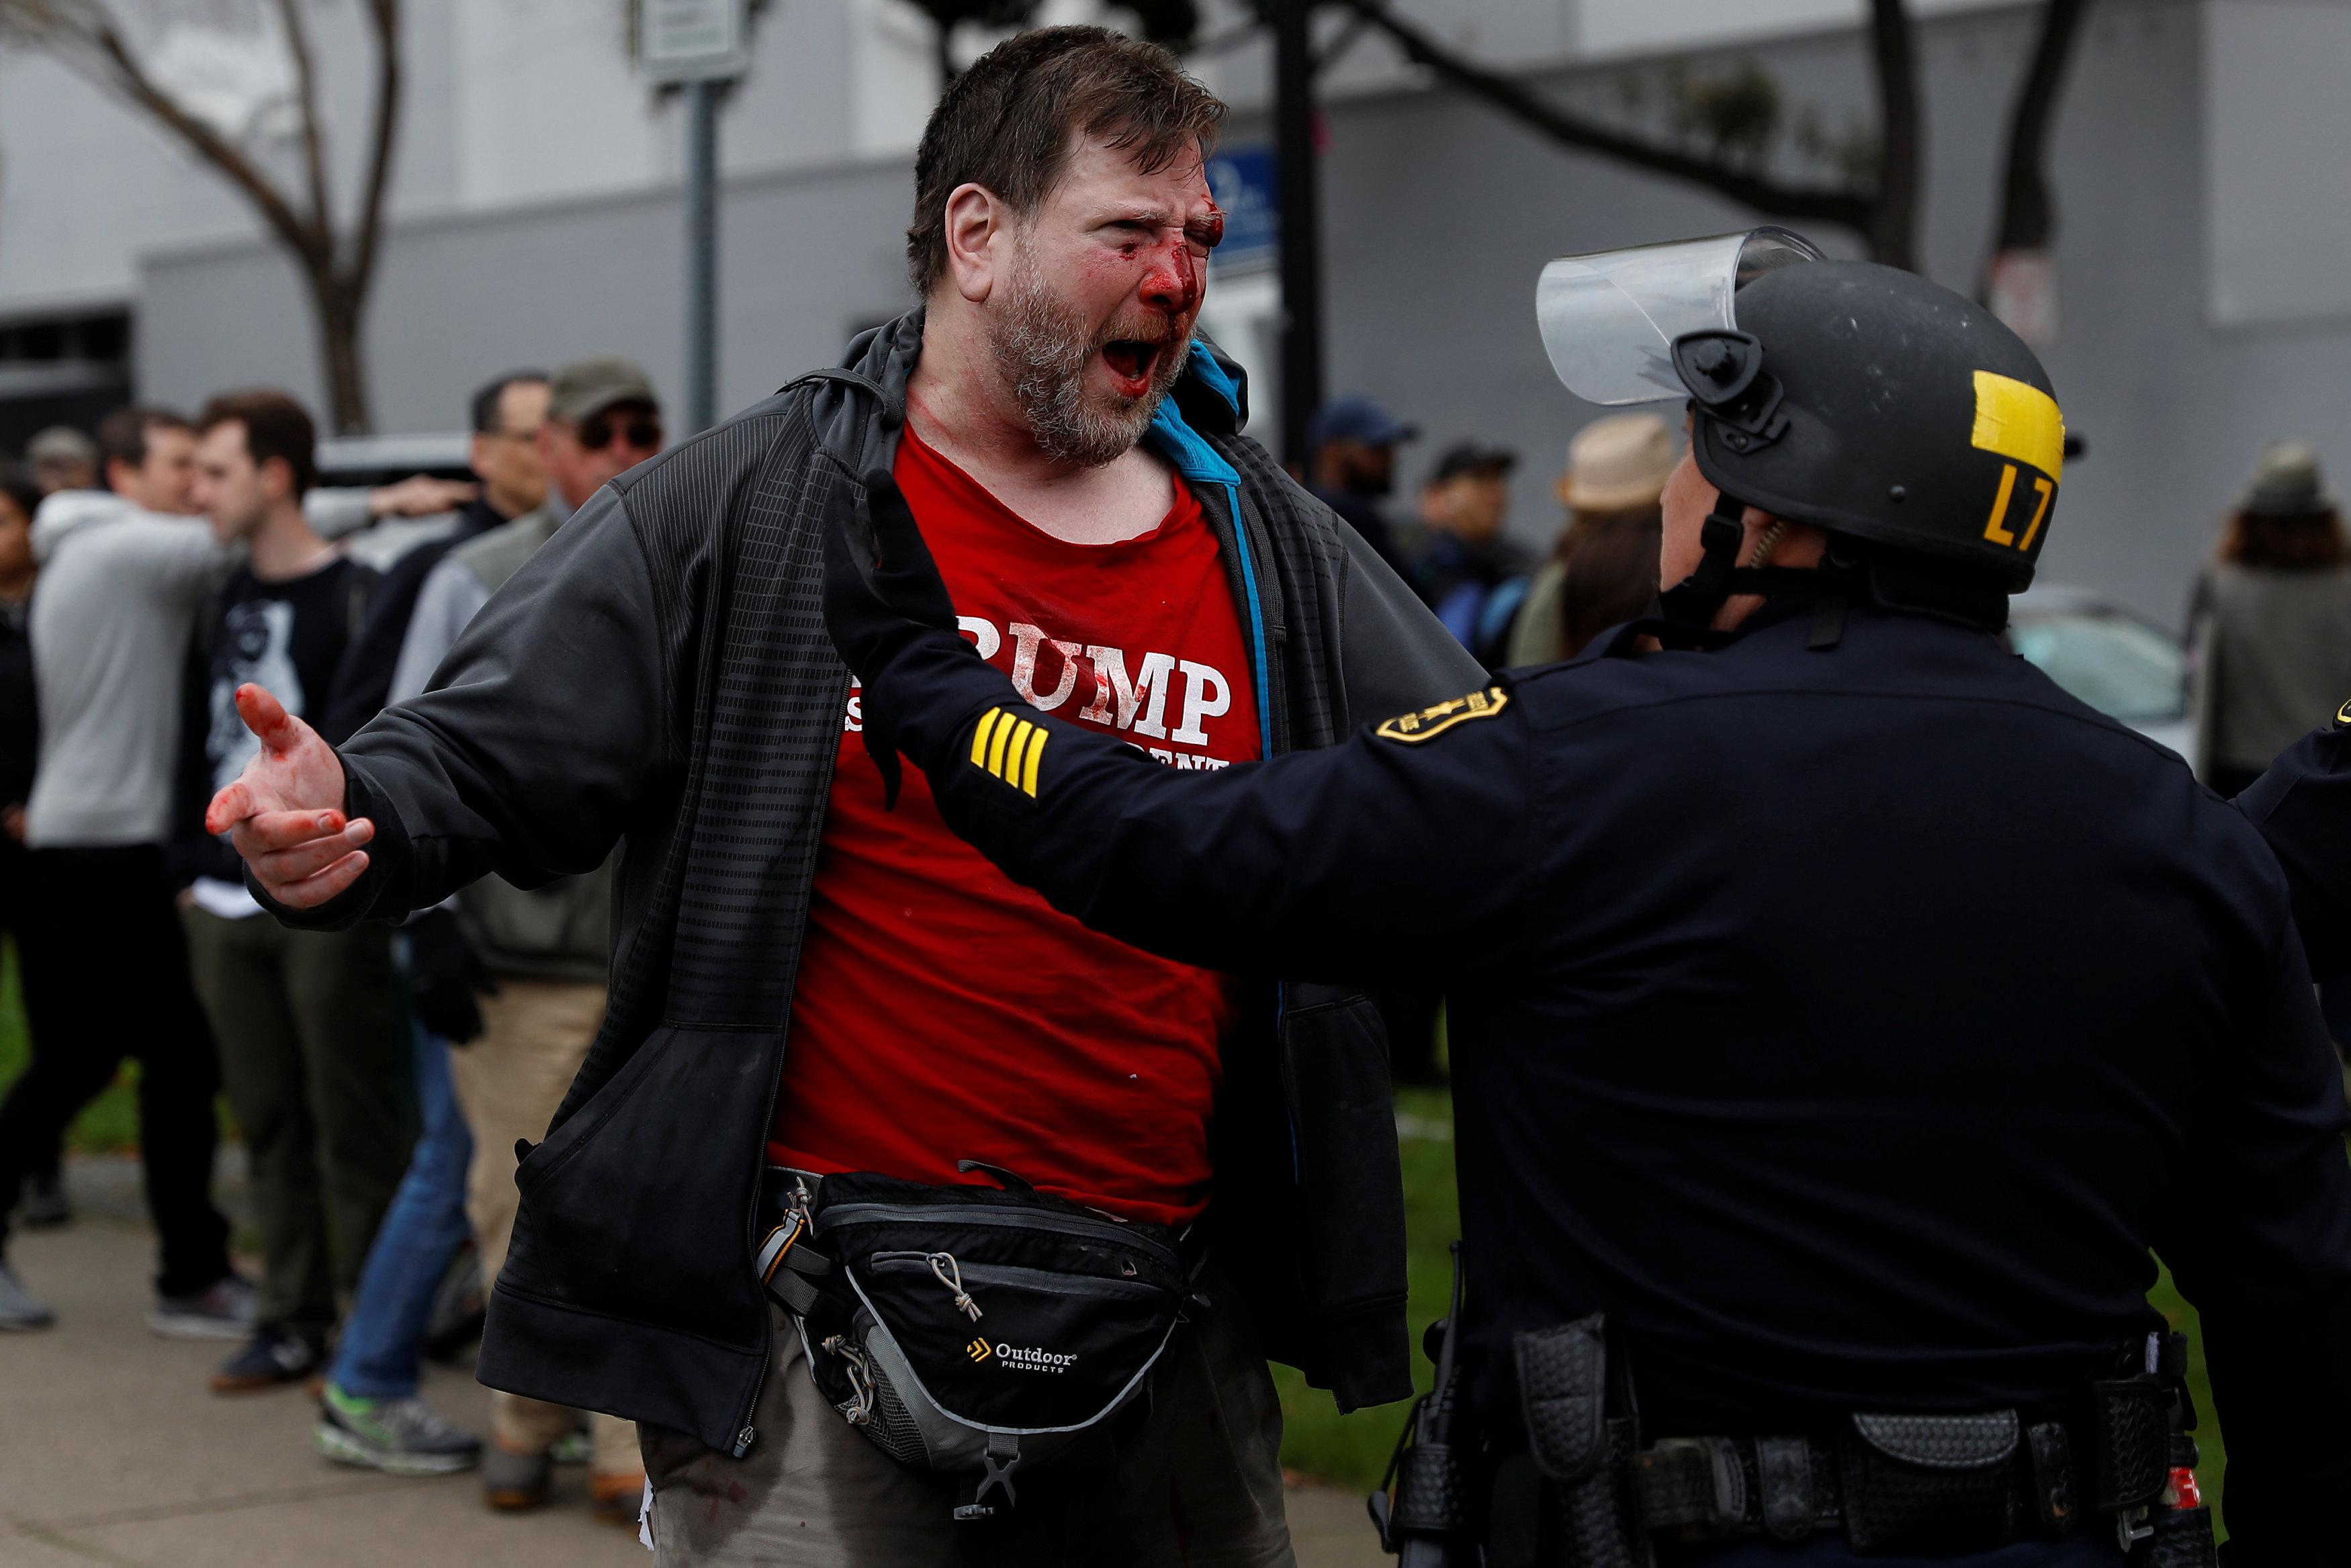 أحد المتظاهرين عقب اصابته فى حالة غضب